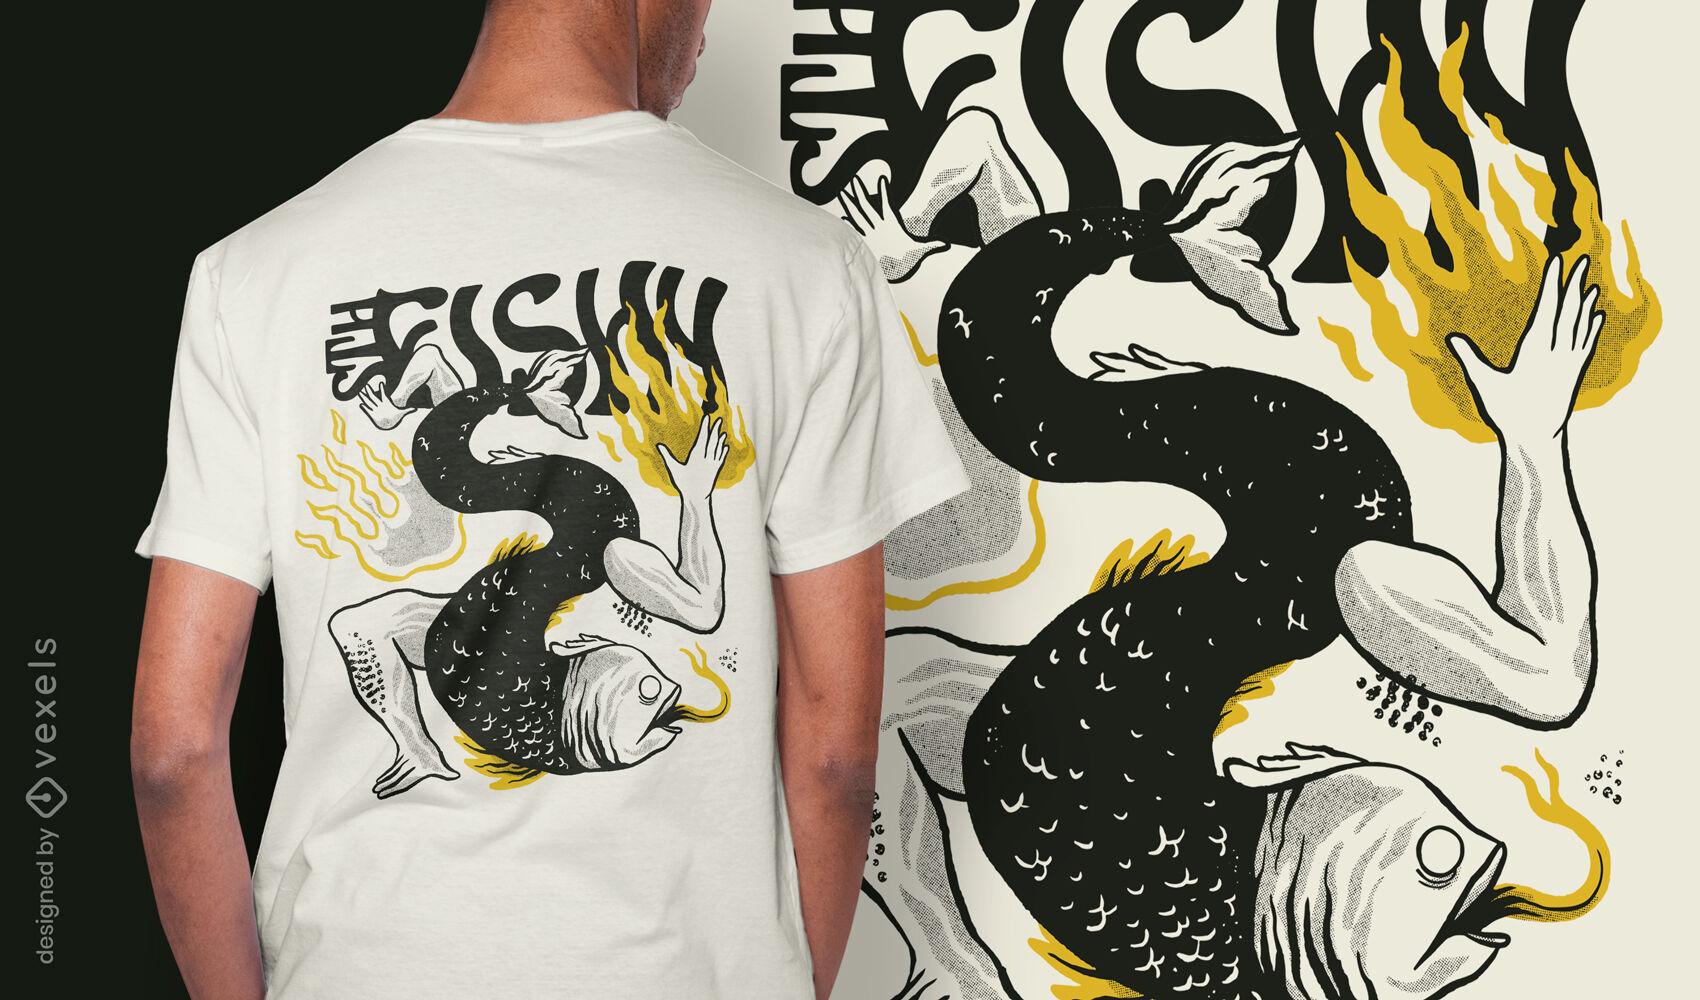 Bizarres Fischkörpertier-T-Shirt-Design